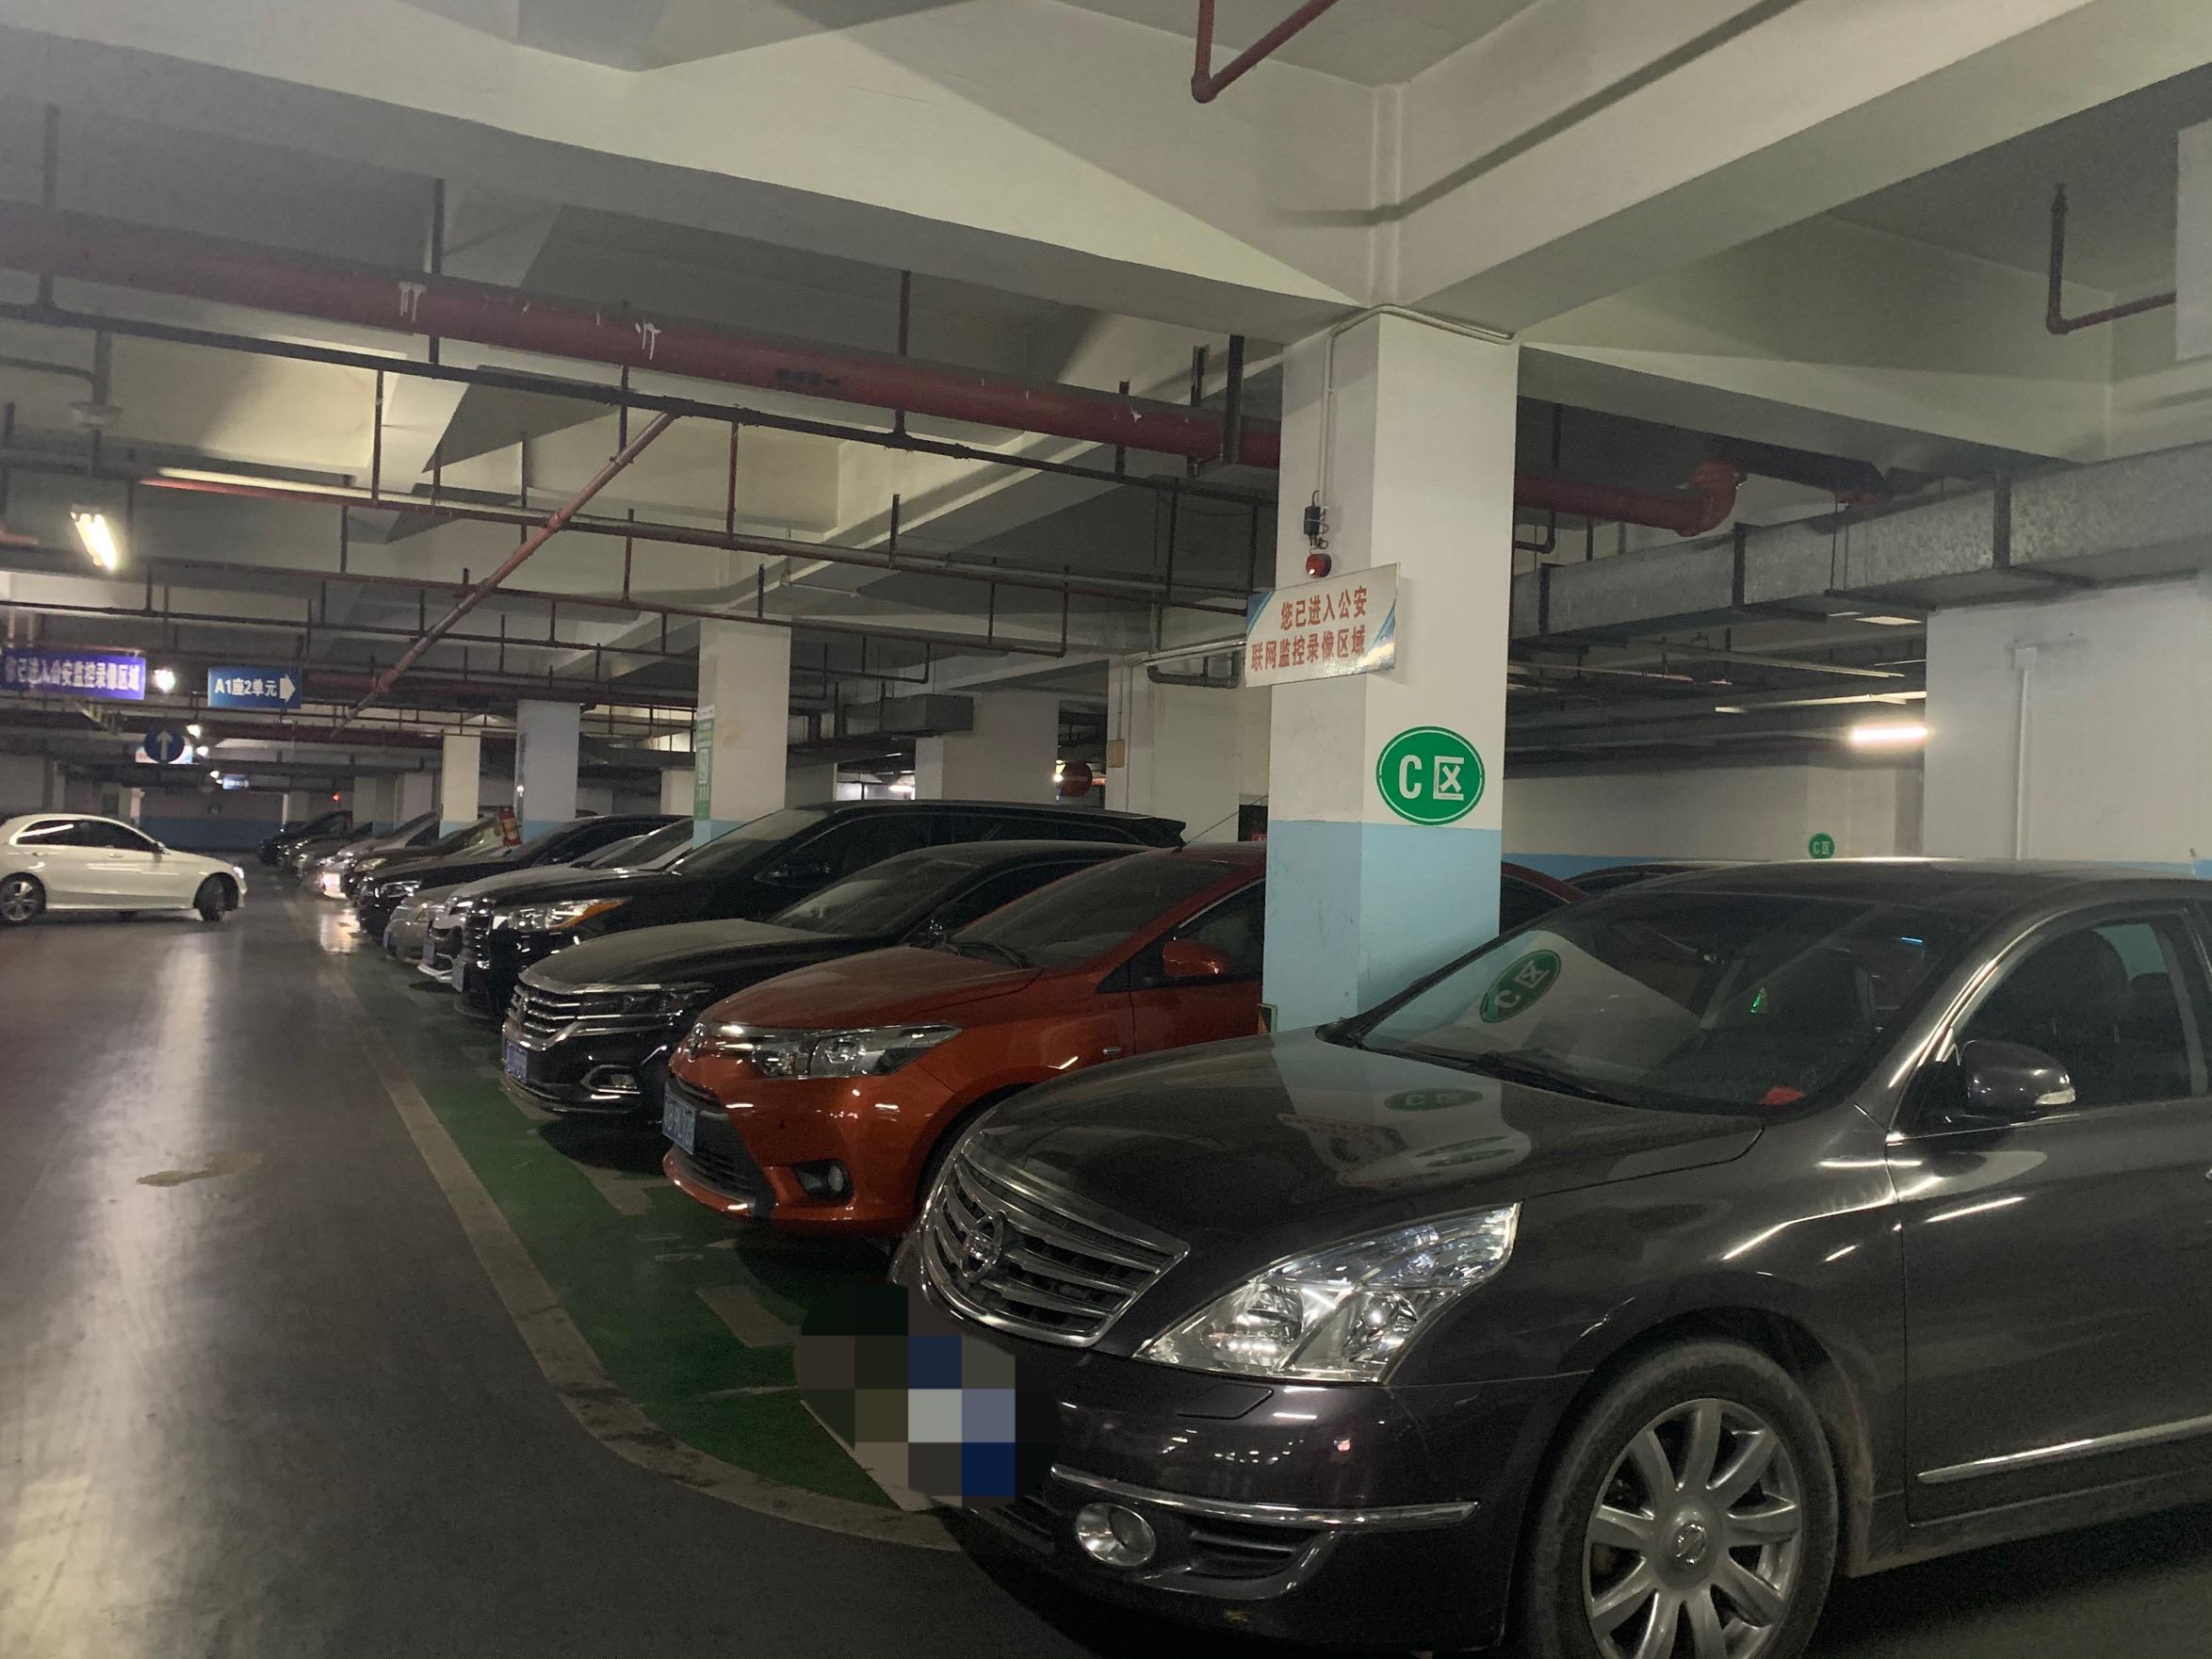 某小区地下停车场 摄影/黄琼